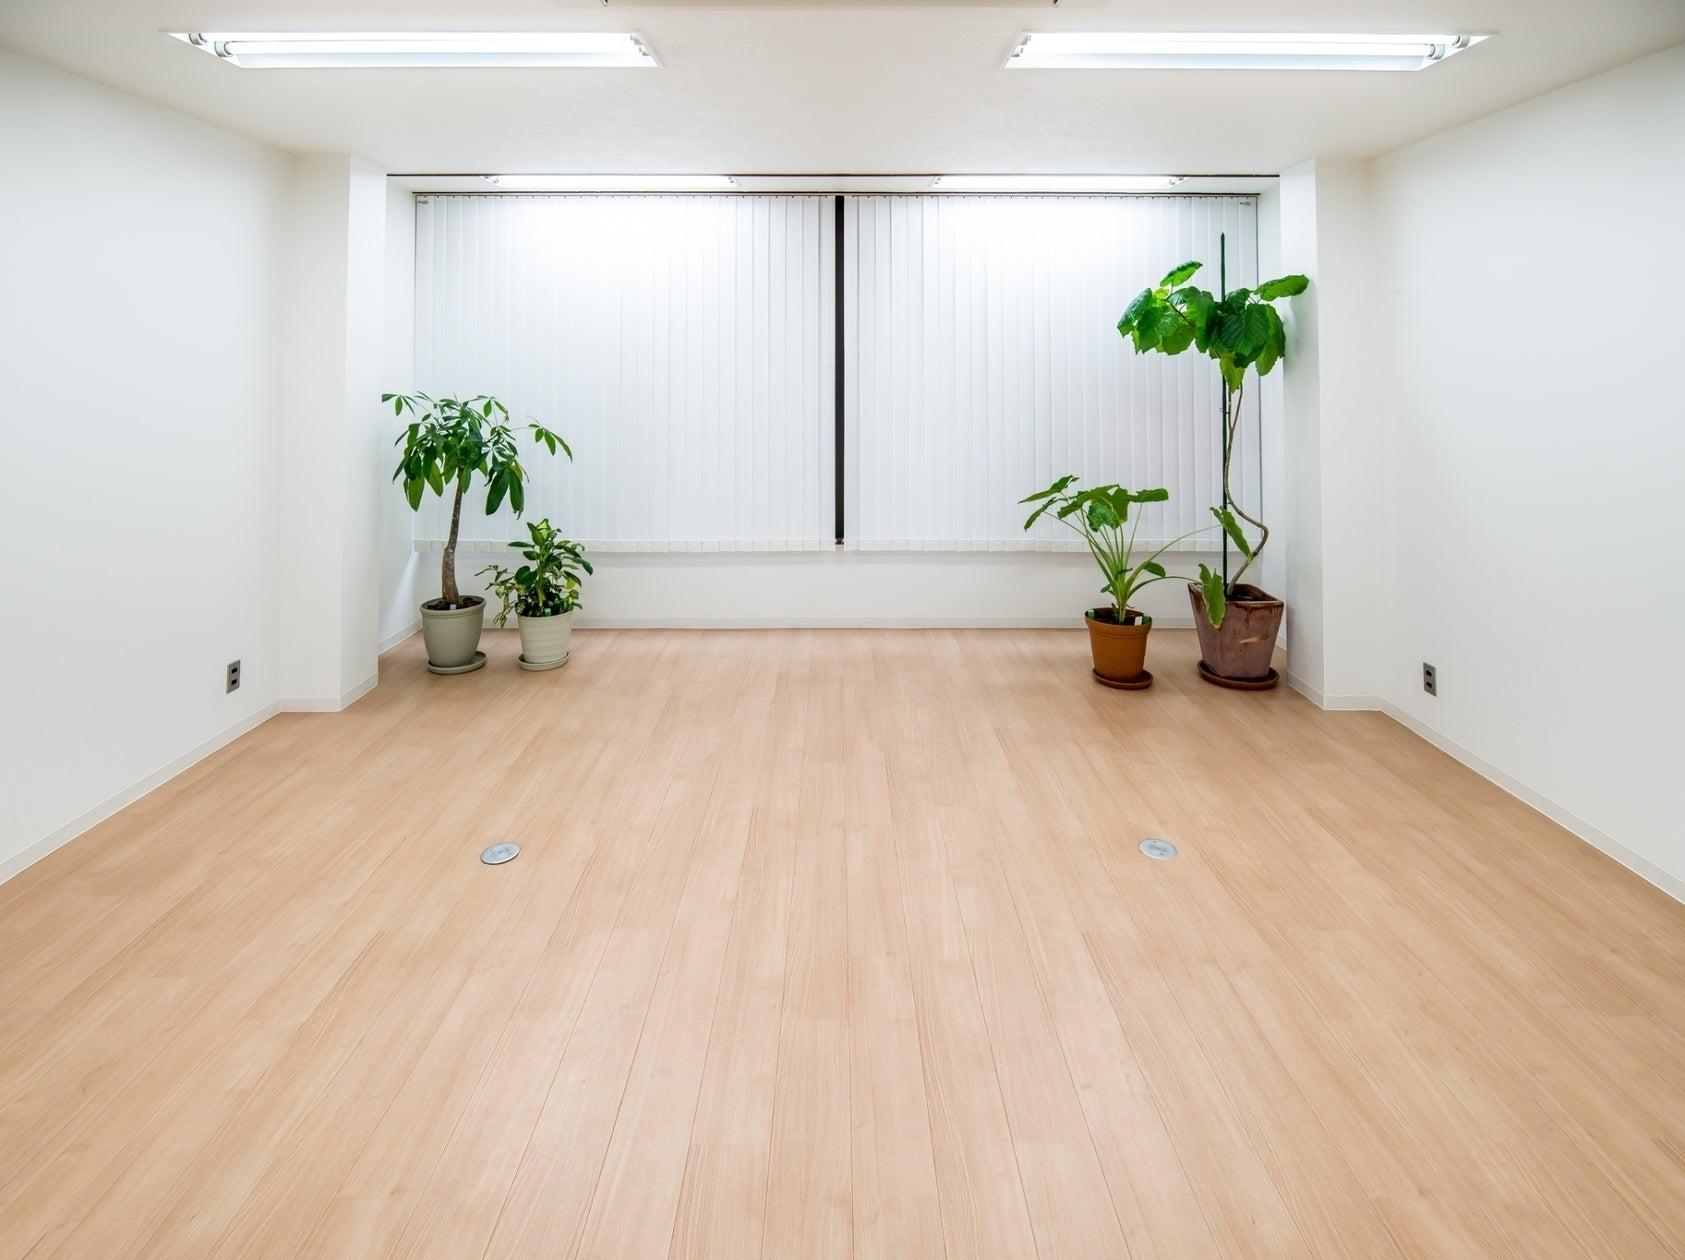 閑静なオフィス街にあるビル内の施設です。